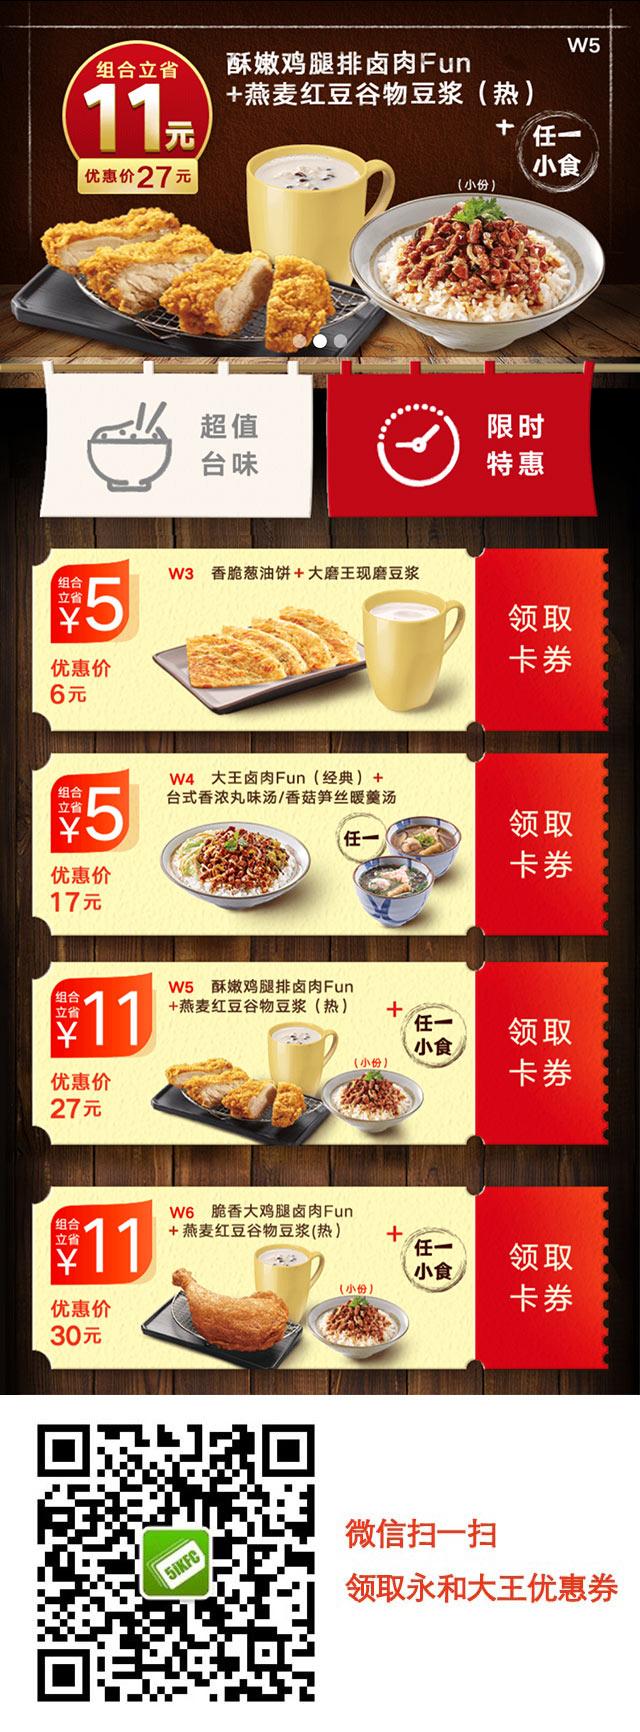 永和大王2019年2月3月限时特惠优惠券,超值套餐6元起 有效期至:2019年3月18日 www.5ikfc.com